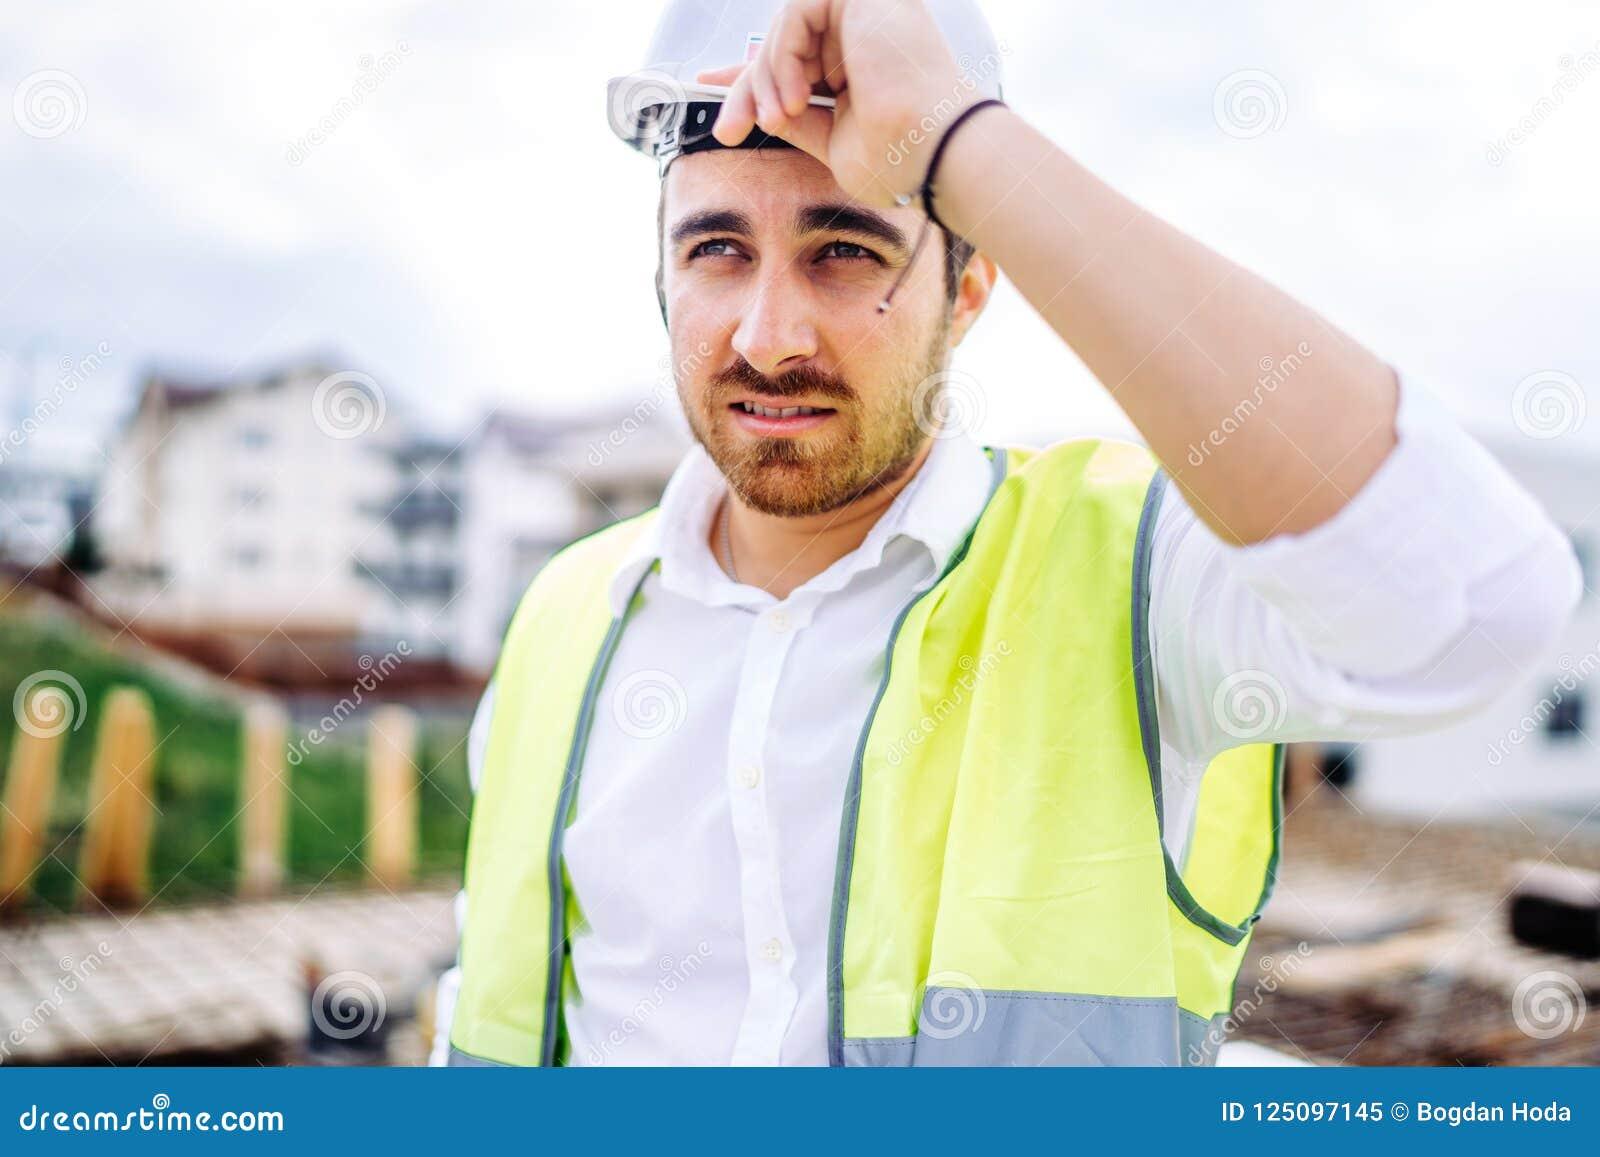 архитектор работая на шляпе строительной площадки, носить трудной и жилете безопасности